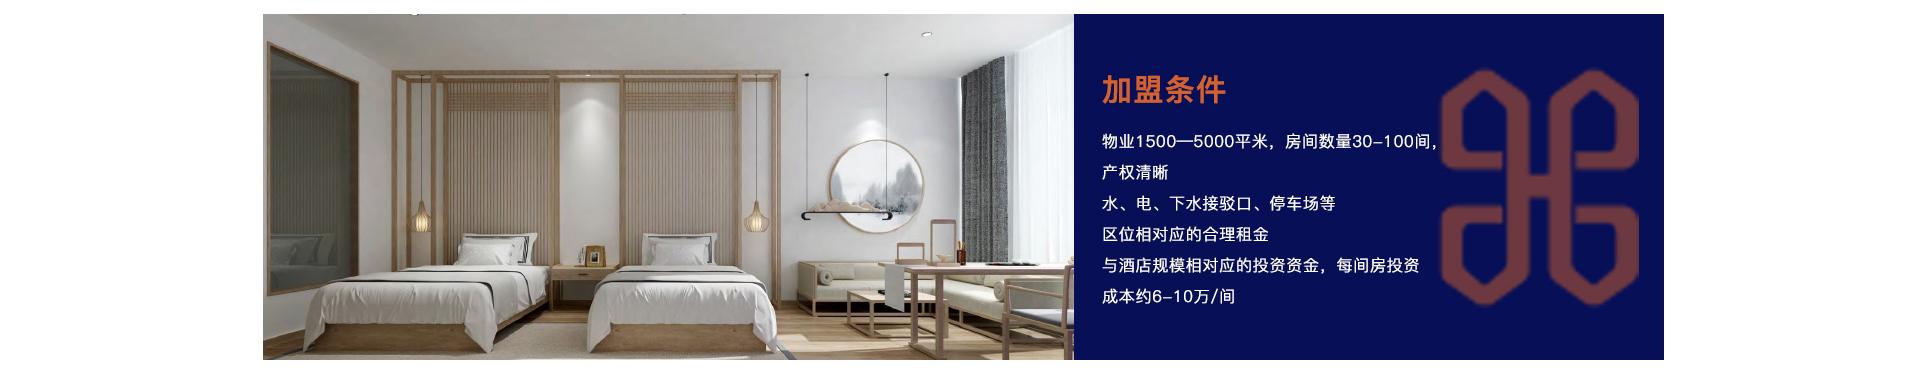 汉悦酒店hyjd_11